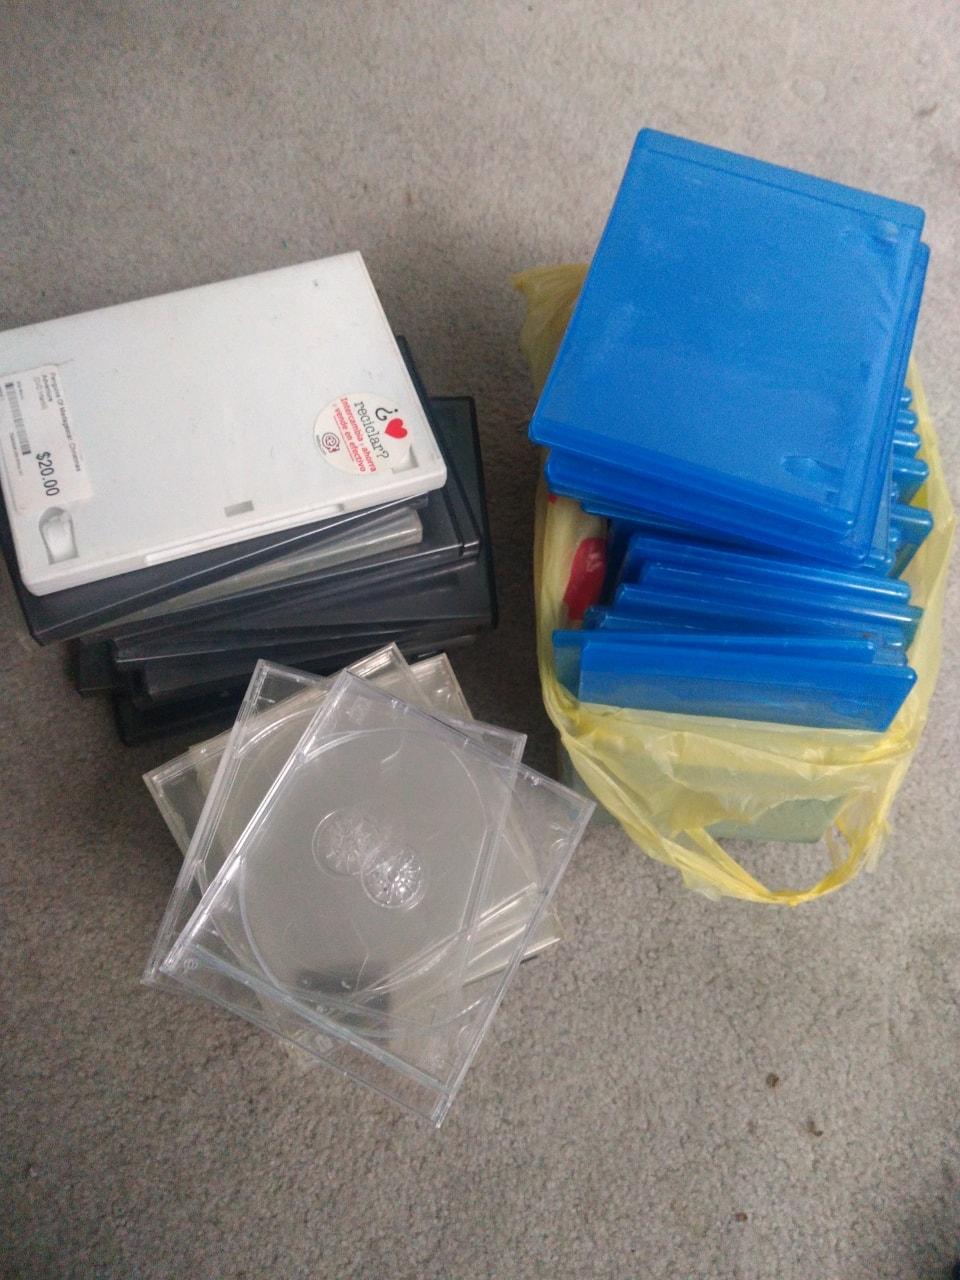 Estuches de DVD, CDs y Blueray usados.